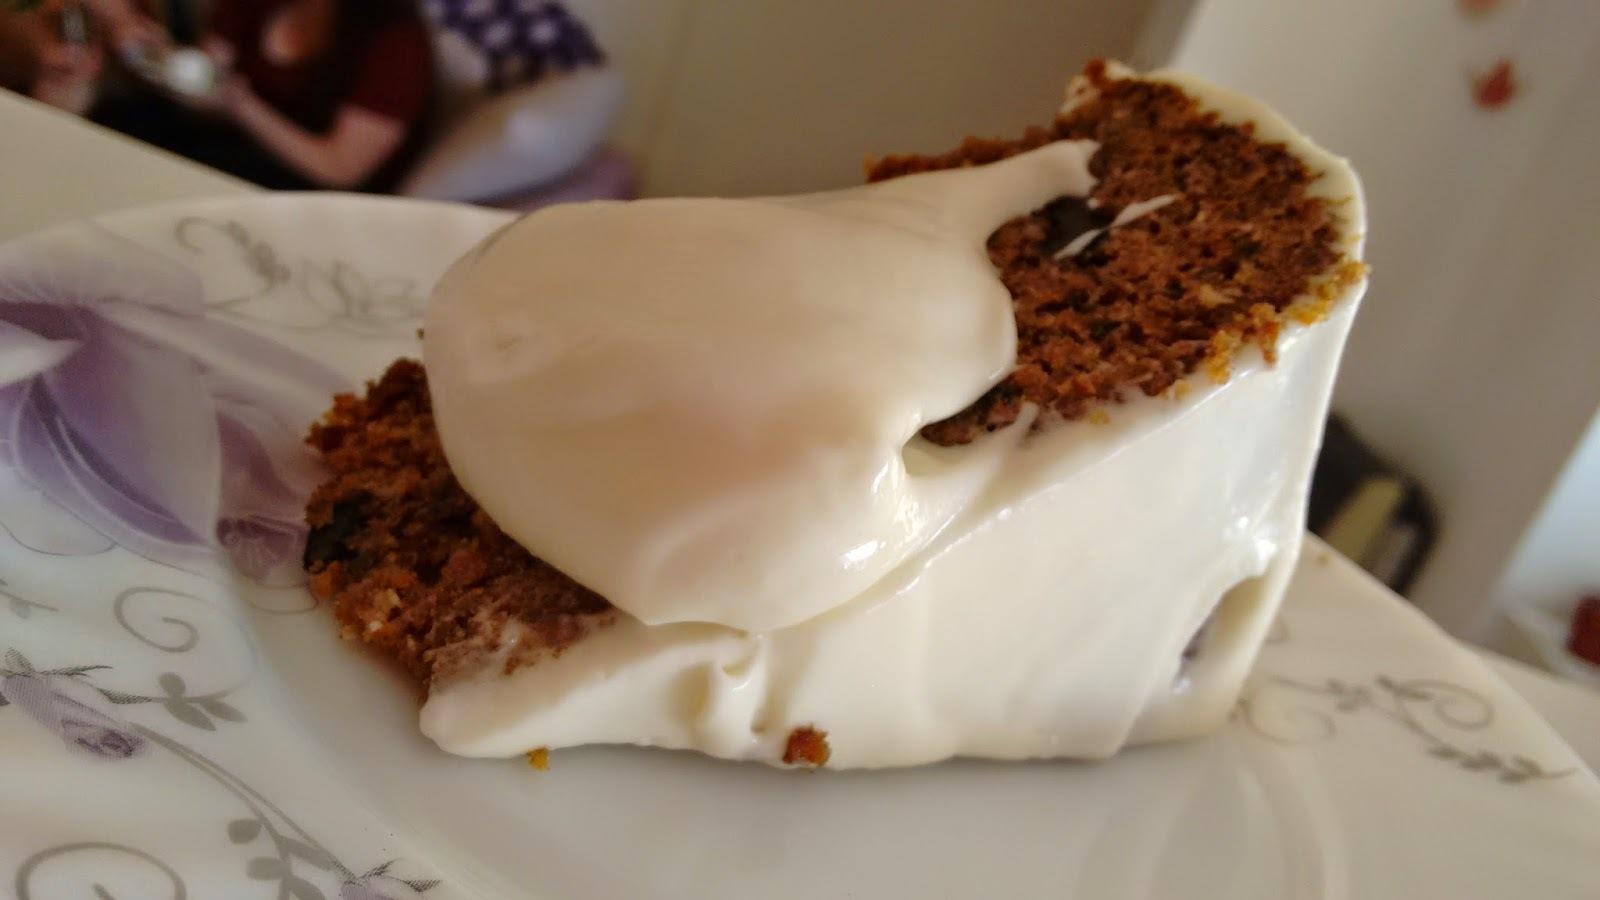 Torta deliciosa de zanahoria para comer con grandes amigos - Amazing carrot cake to share with great friends